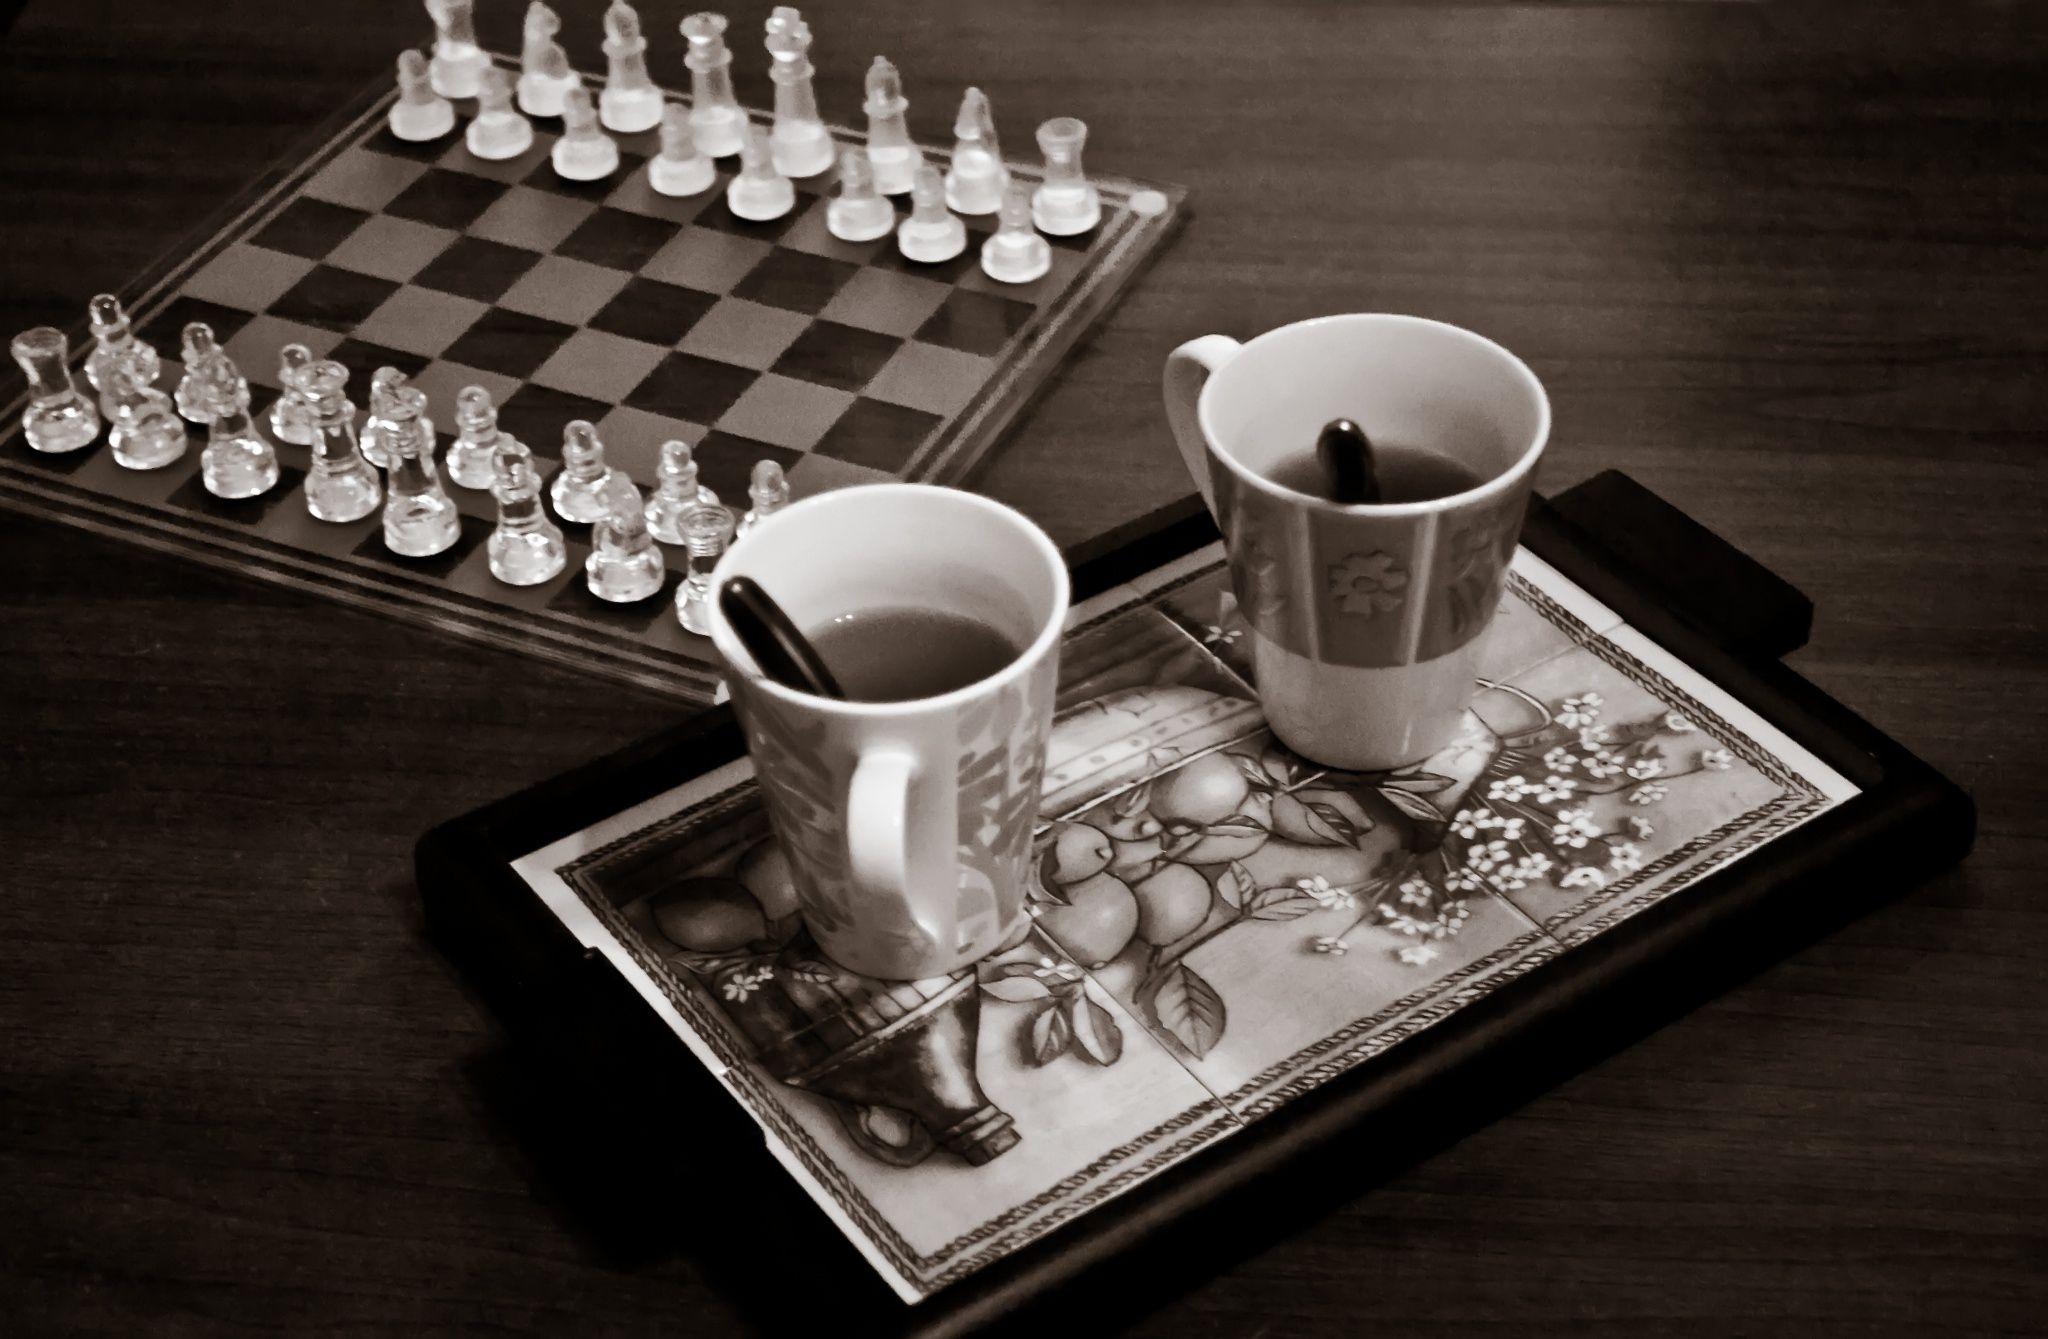 کافه شطرنج، ایده ای منحصر به فرد و پولساز